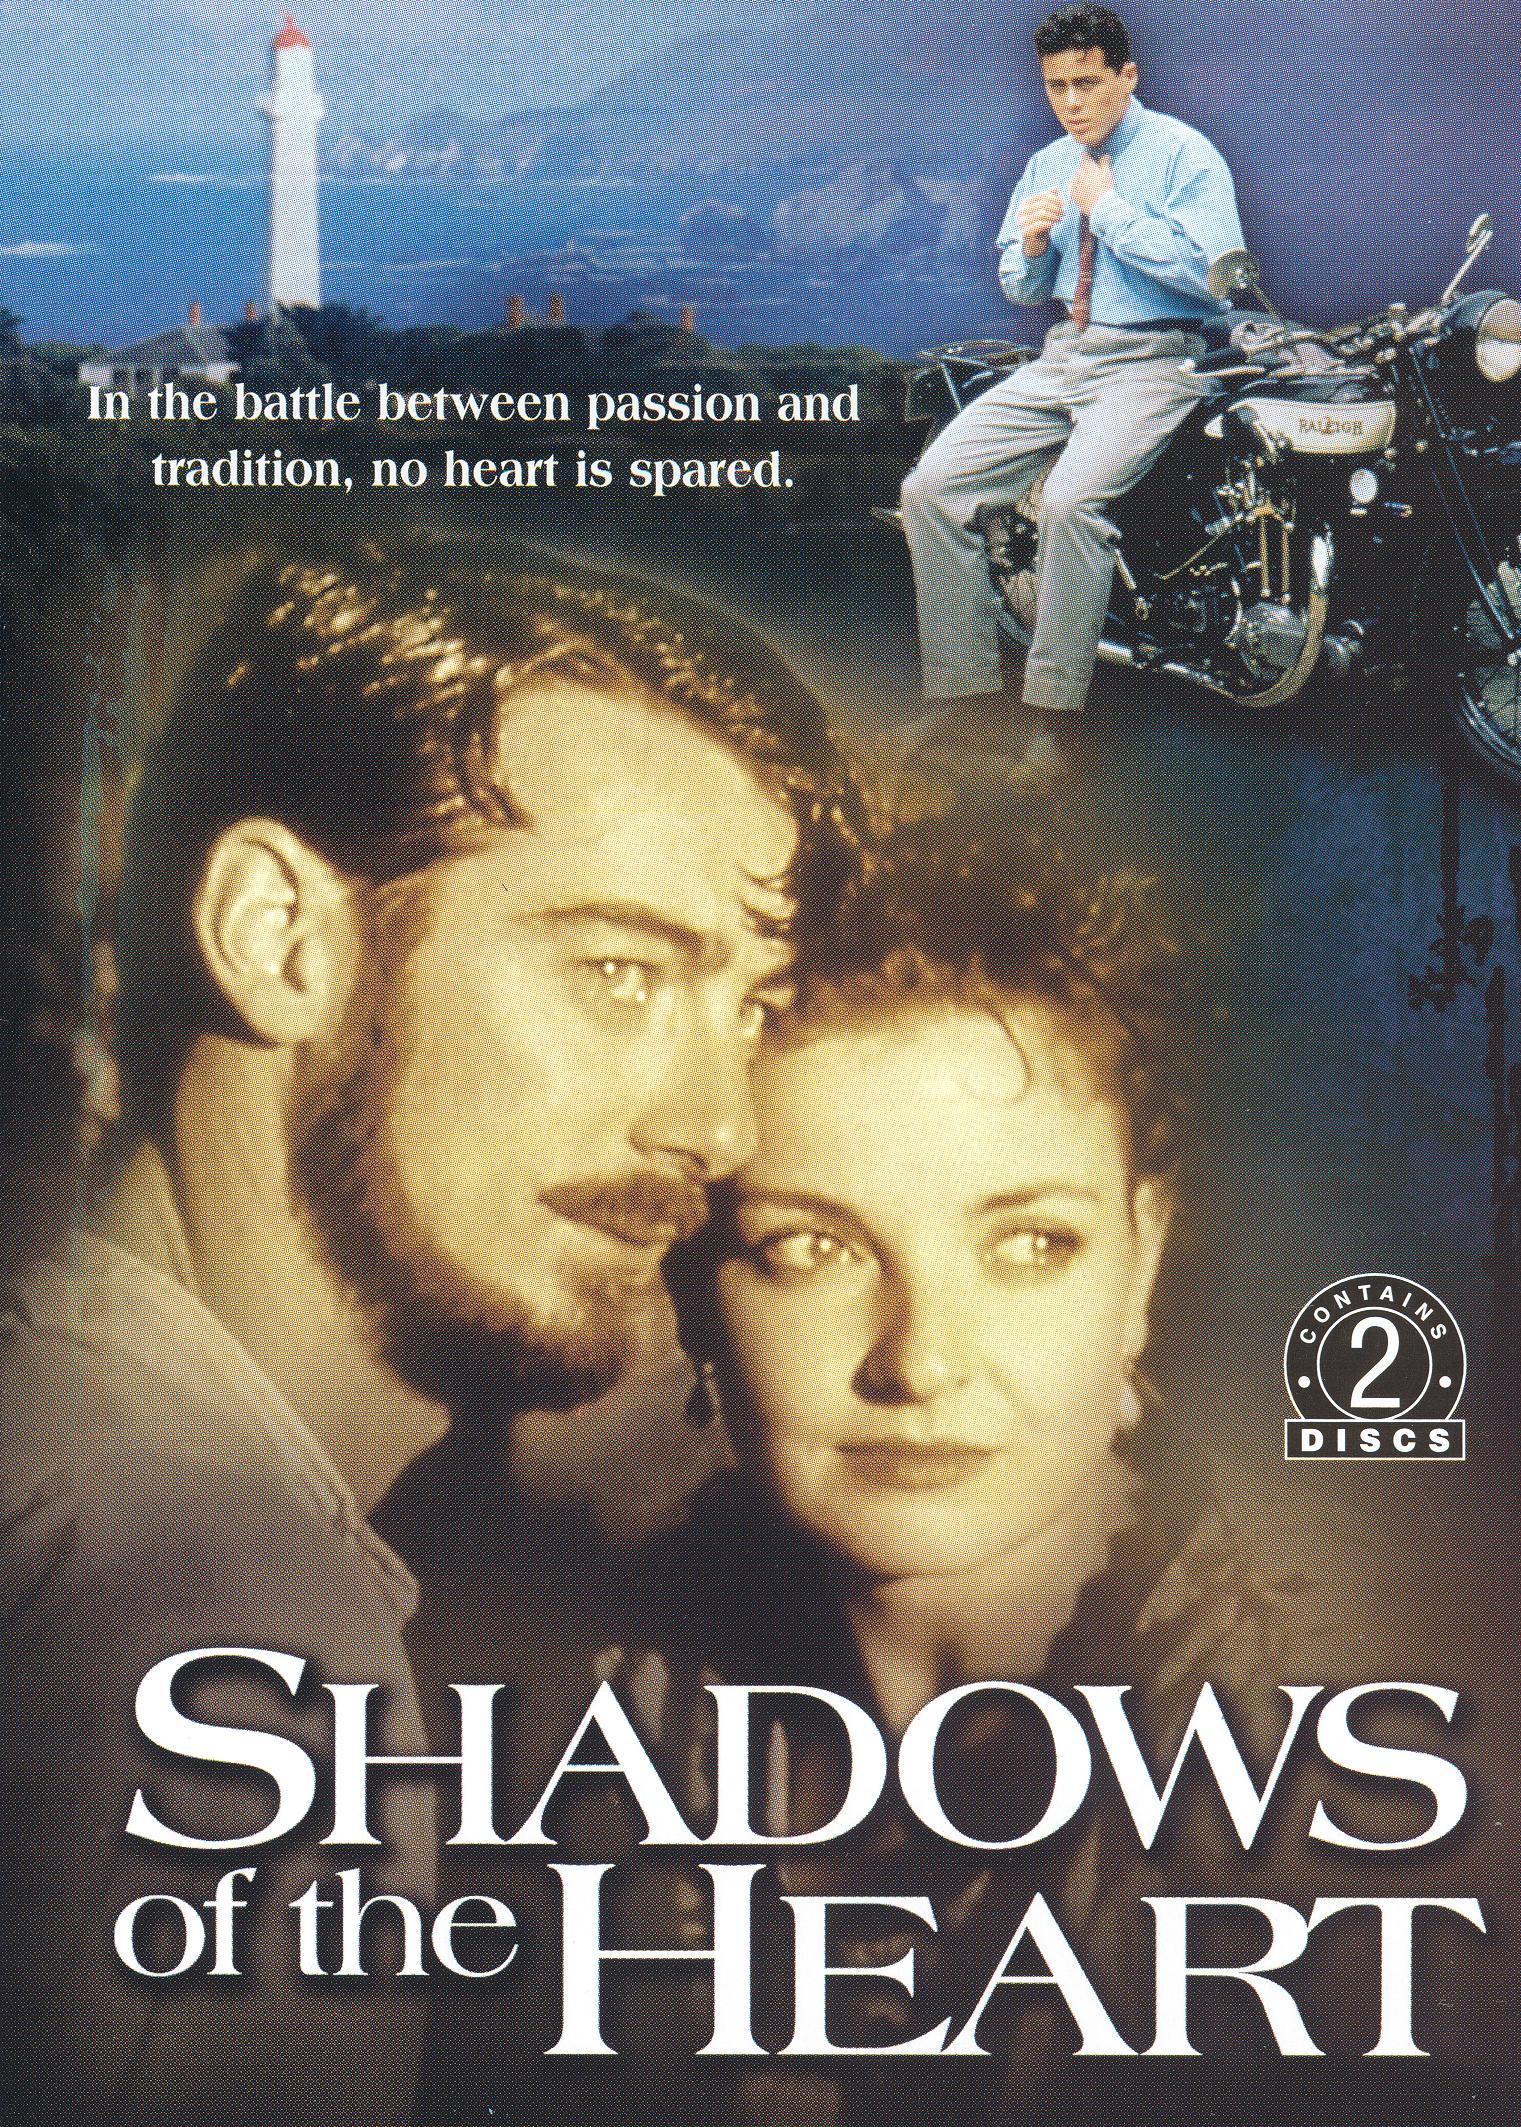 1990 hopkins movie